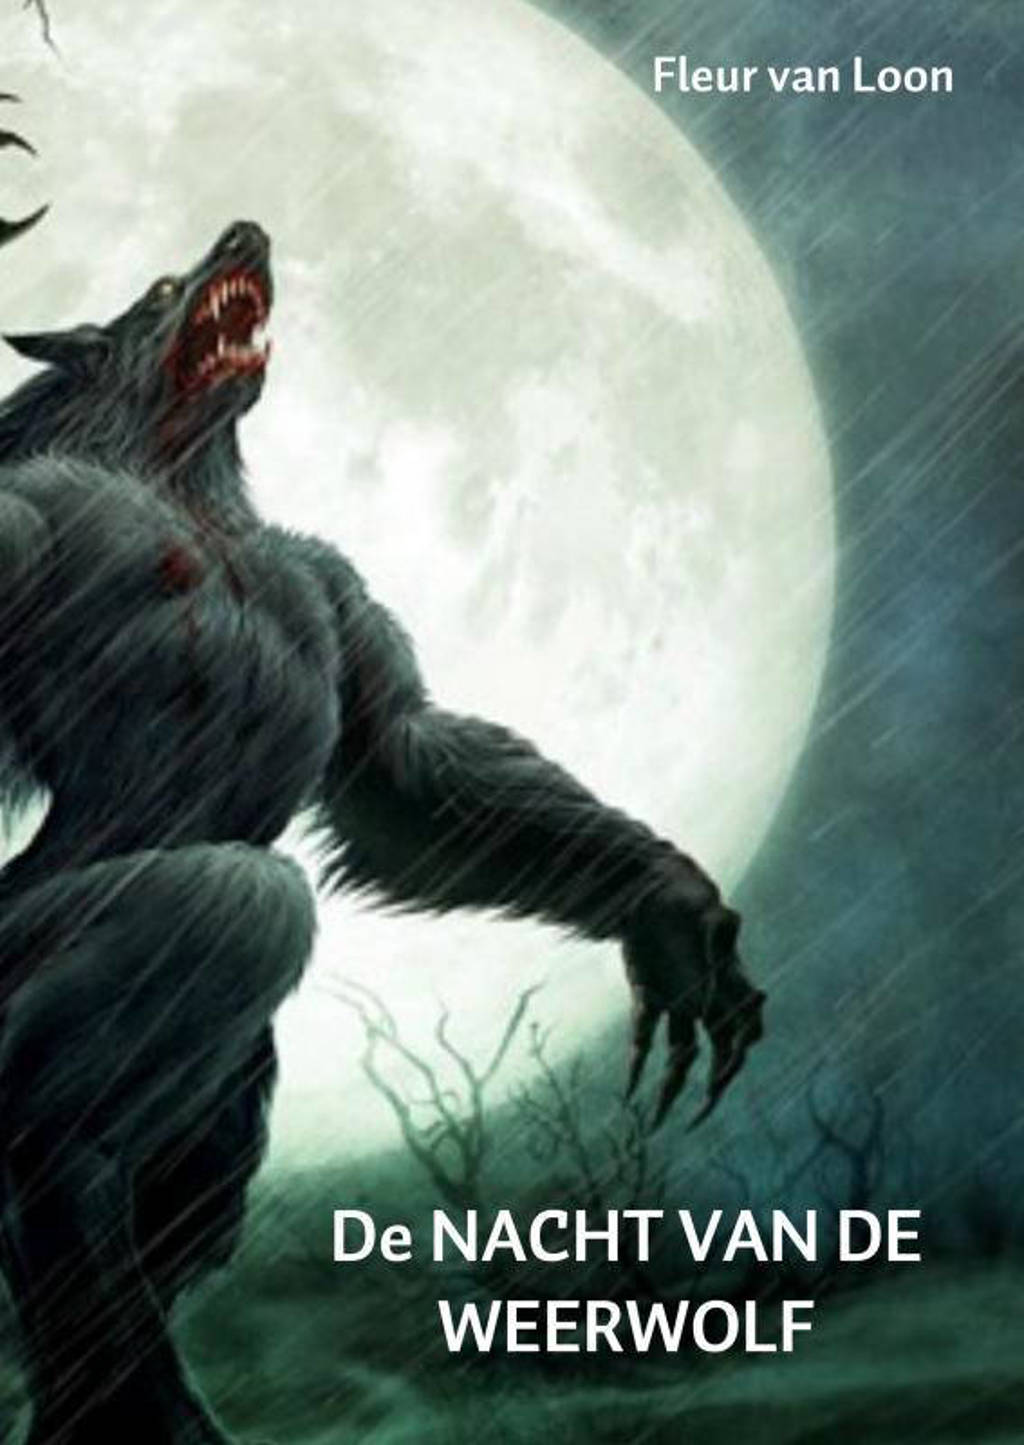 De nacht van de weerwolf - Fleur van Loon